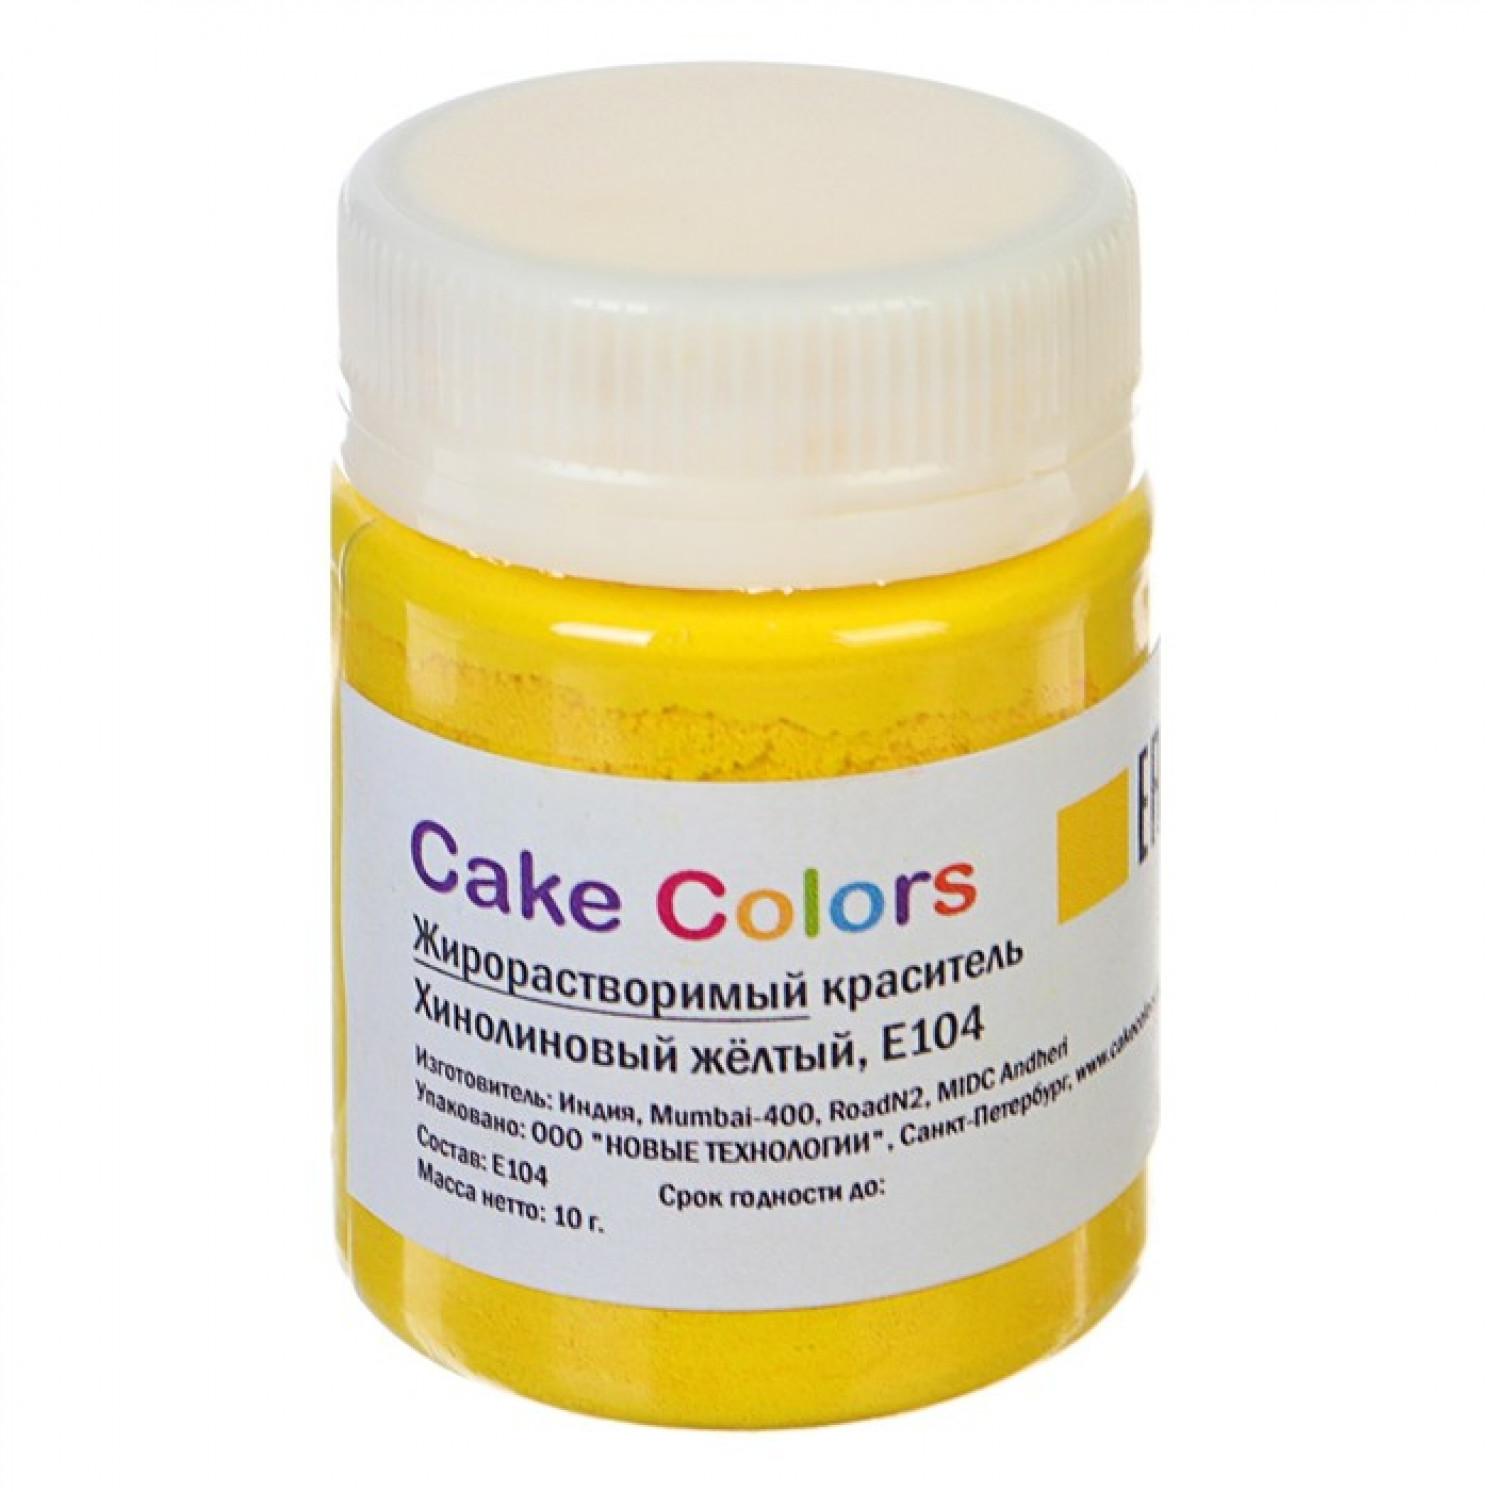 Жирорастворимый краситель Cake colors Хинолиновый жёлный, 10г